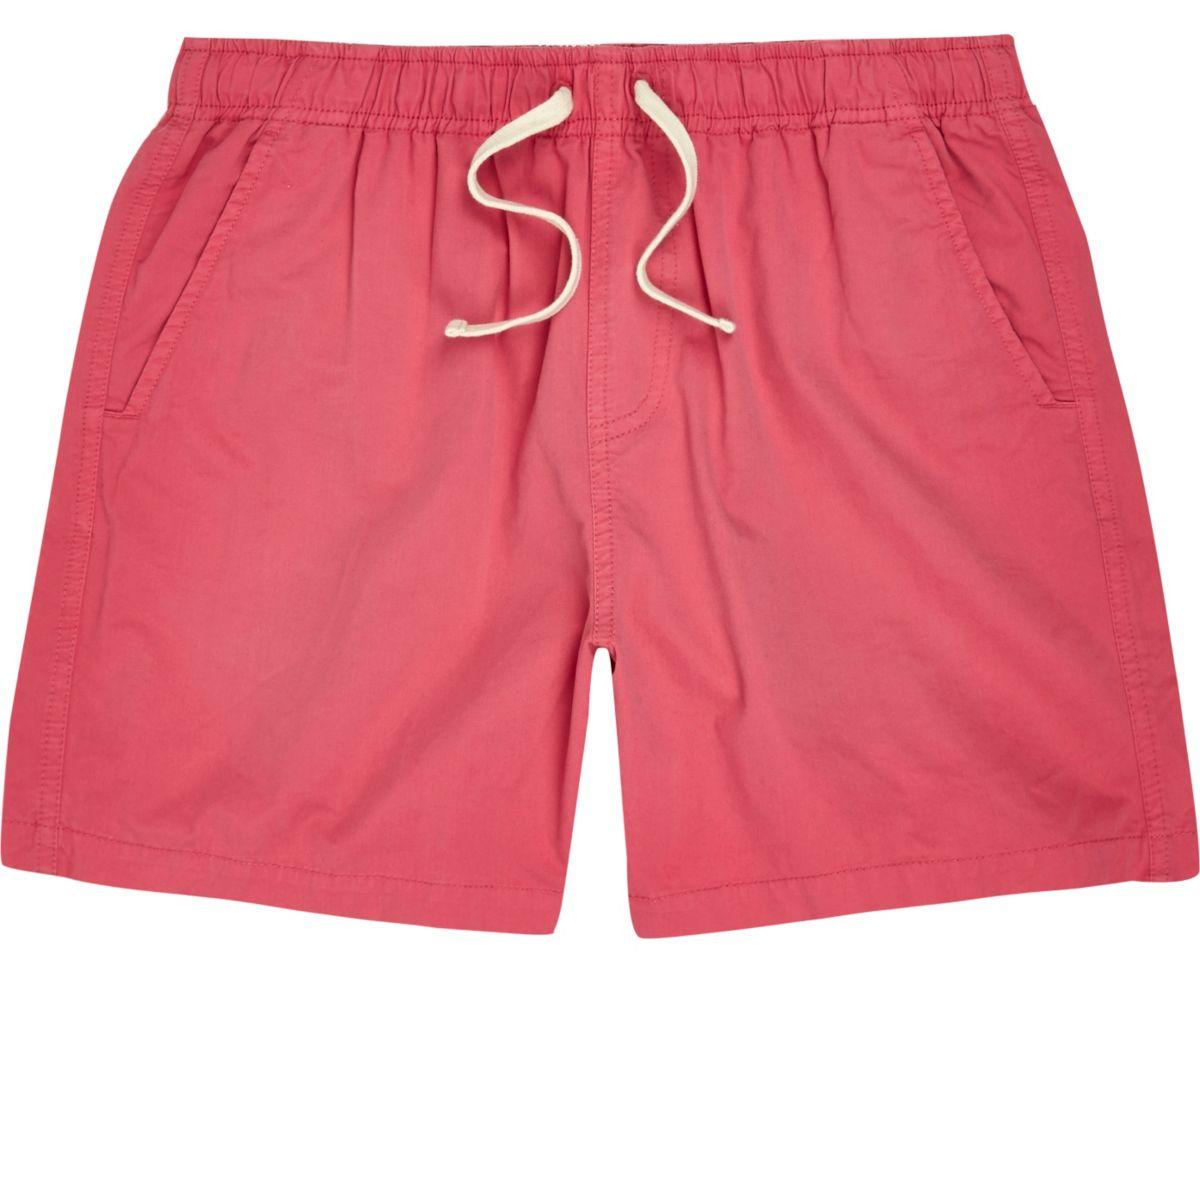 Pink casual shorts